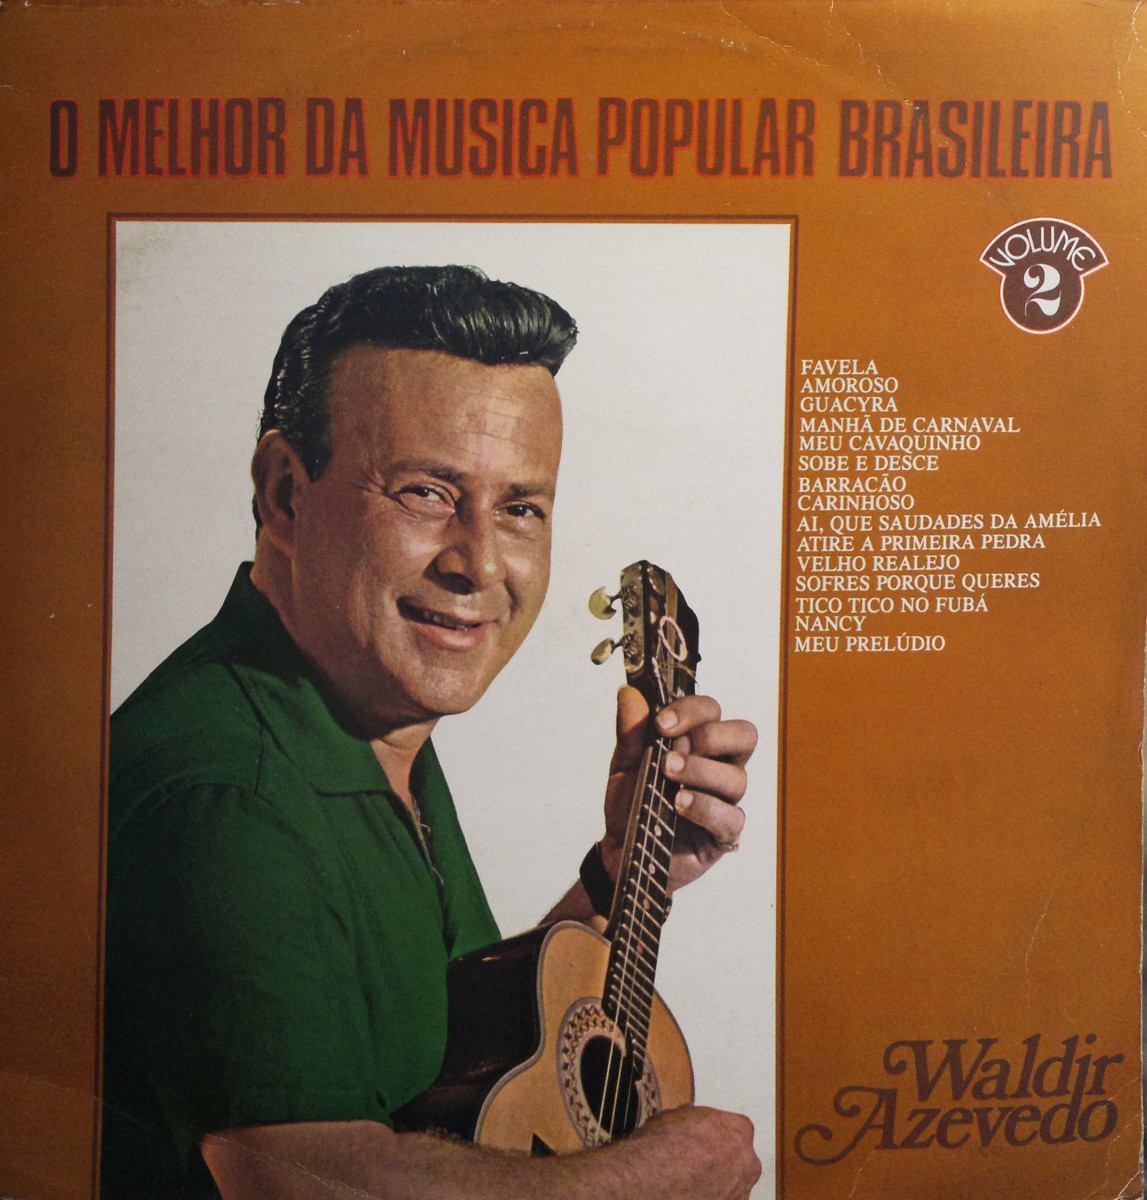 27 de janeiro - nascimento de Waldir Azevedo